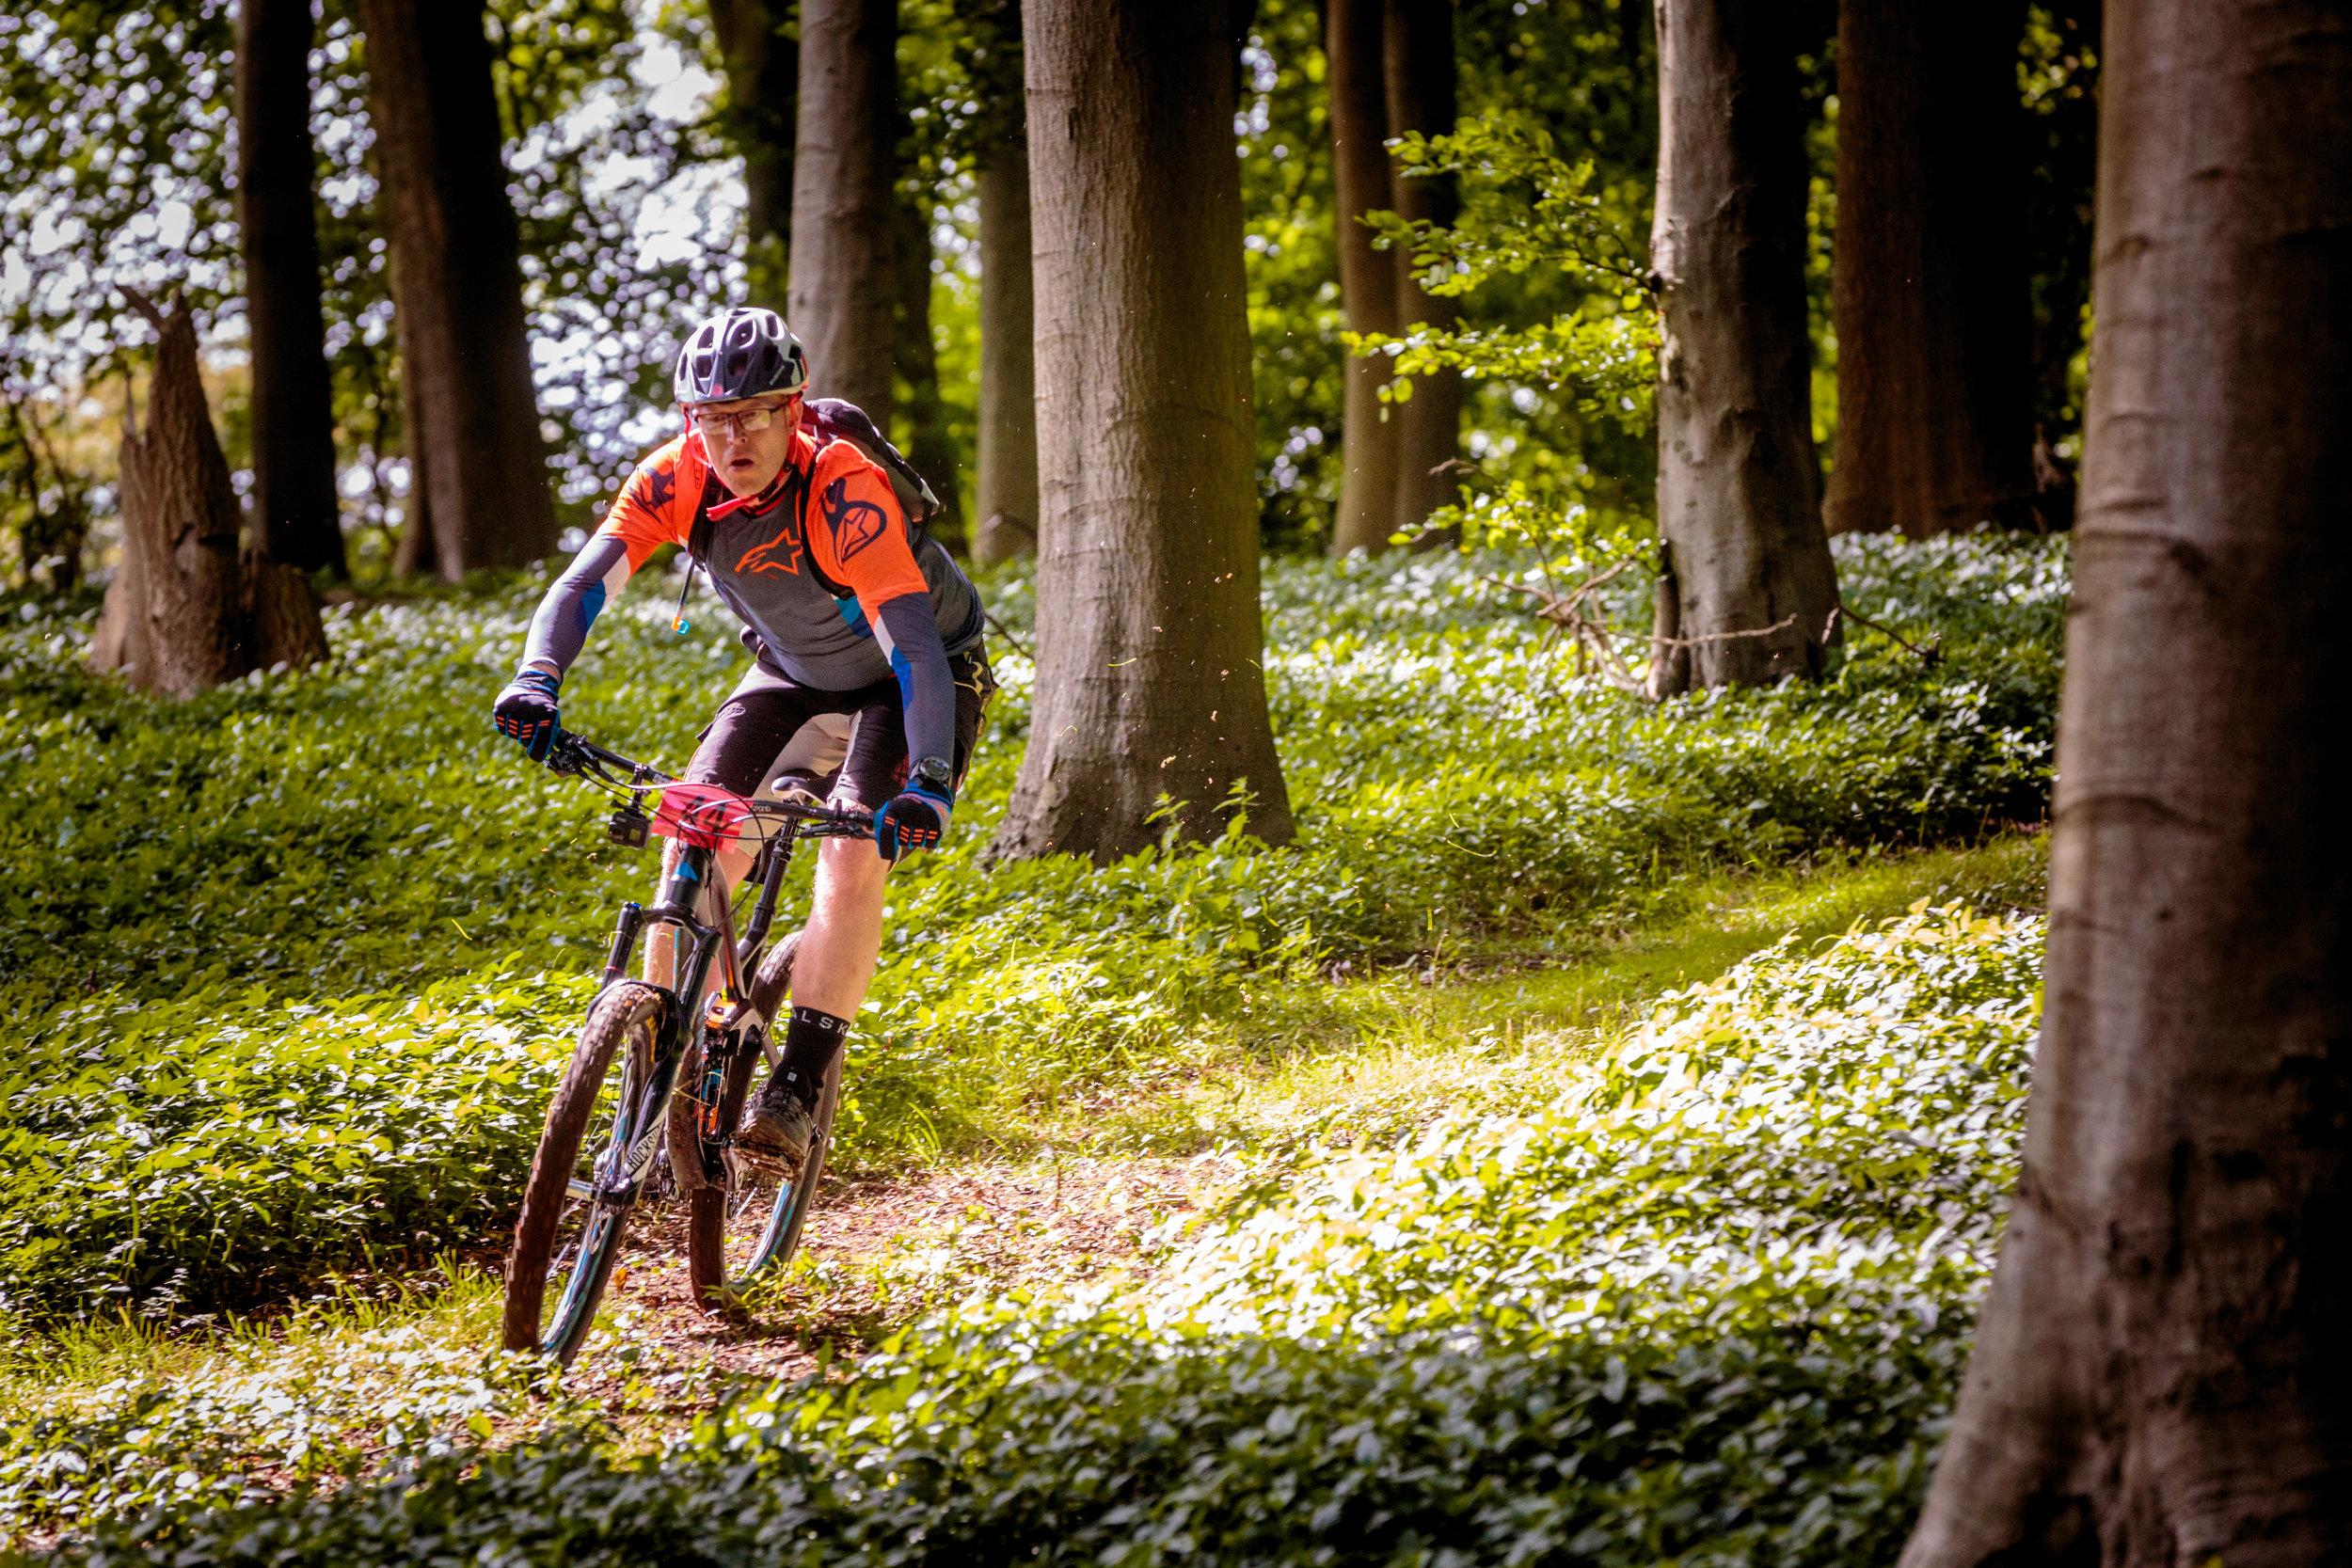 MTB rider flies through Yorkshire forest